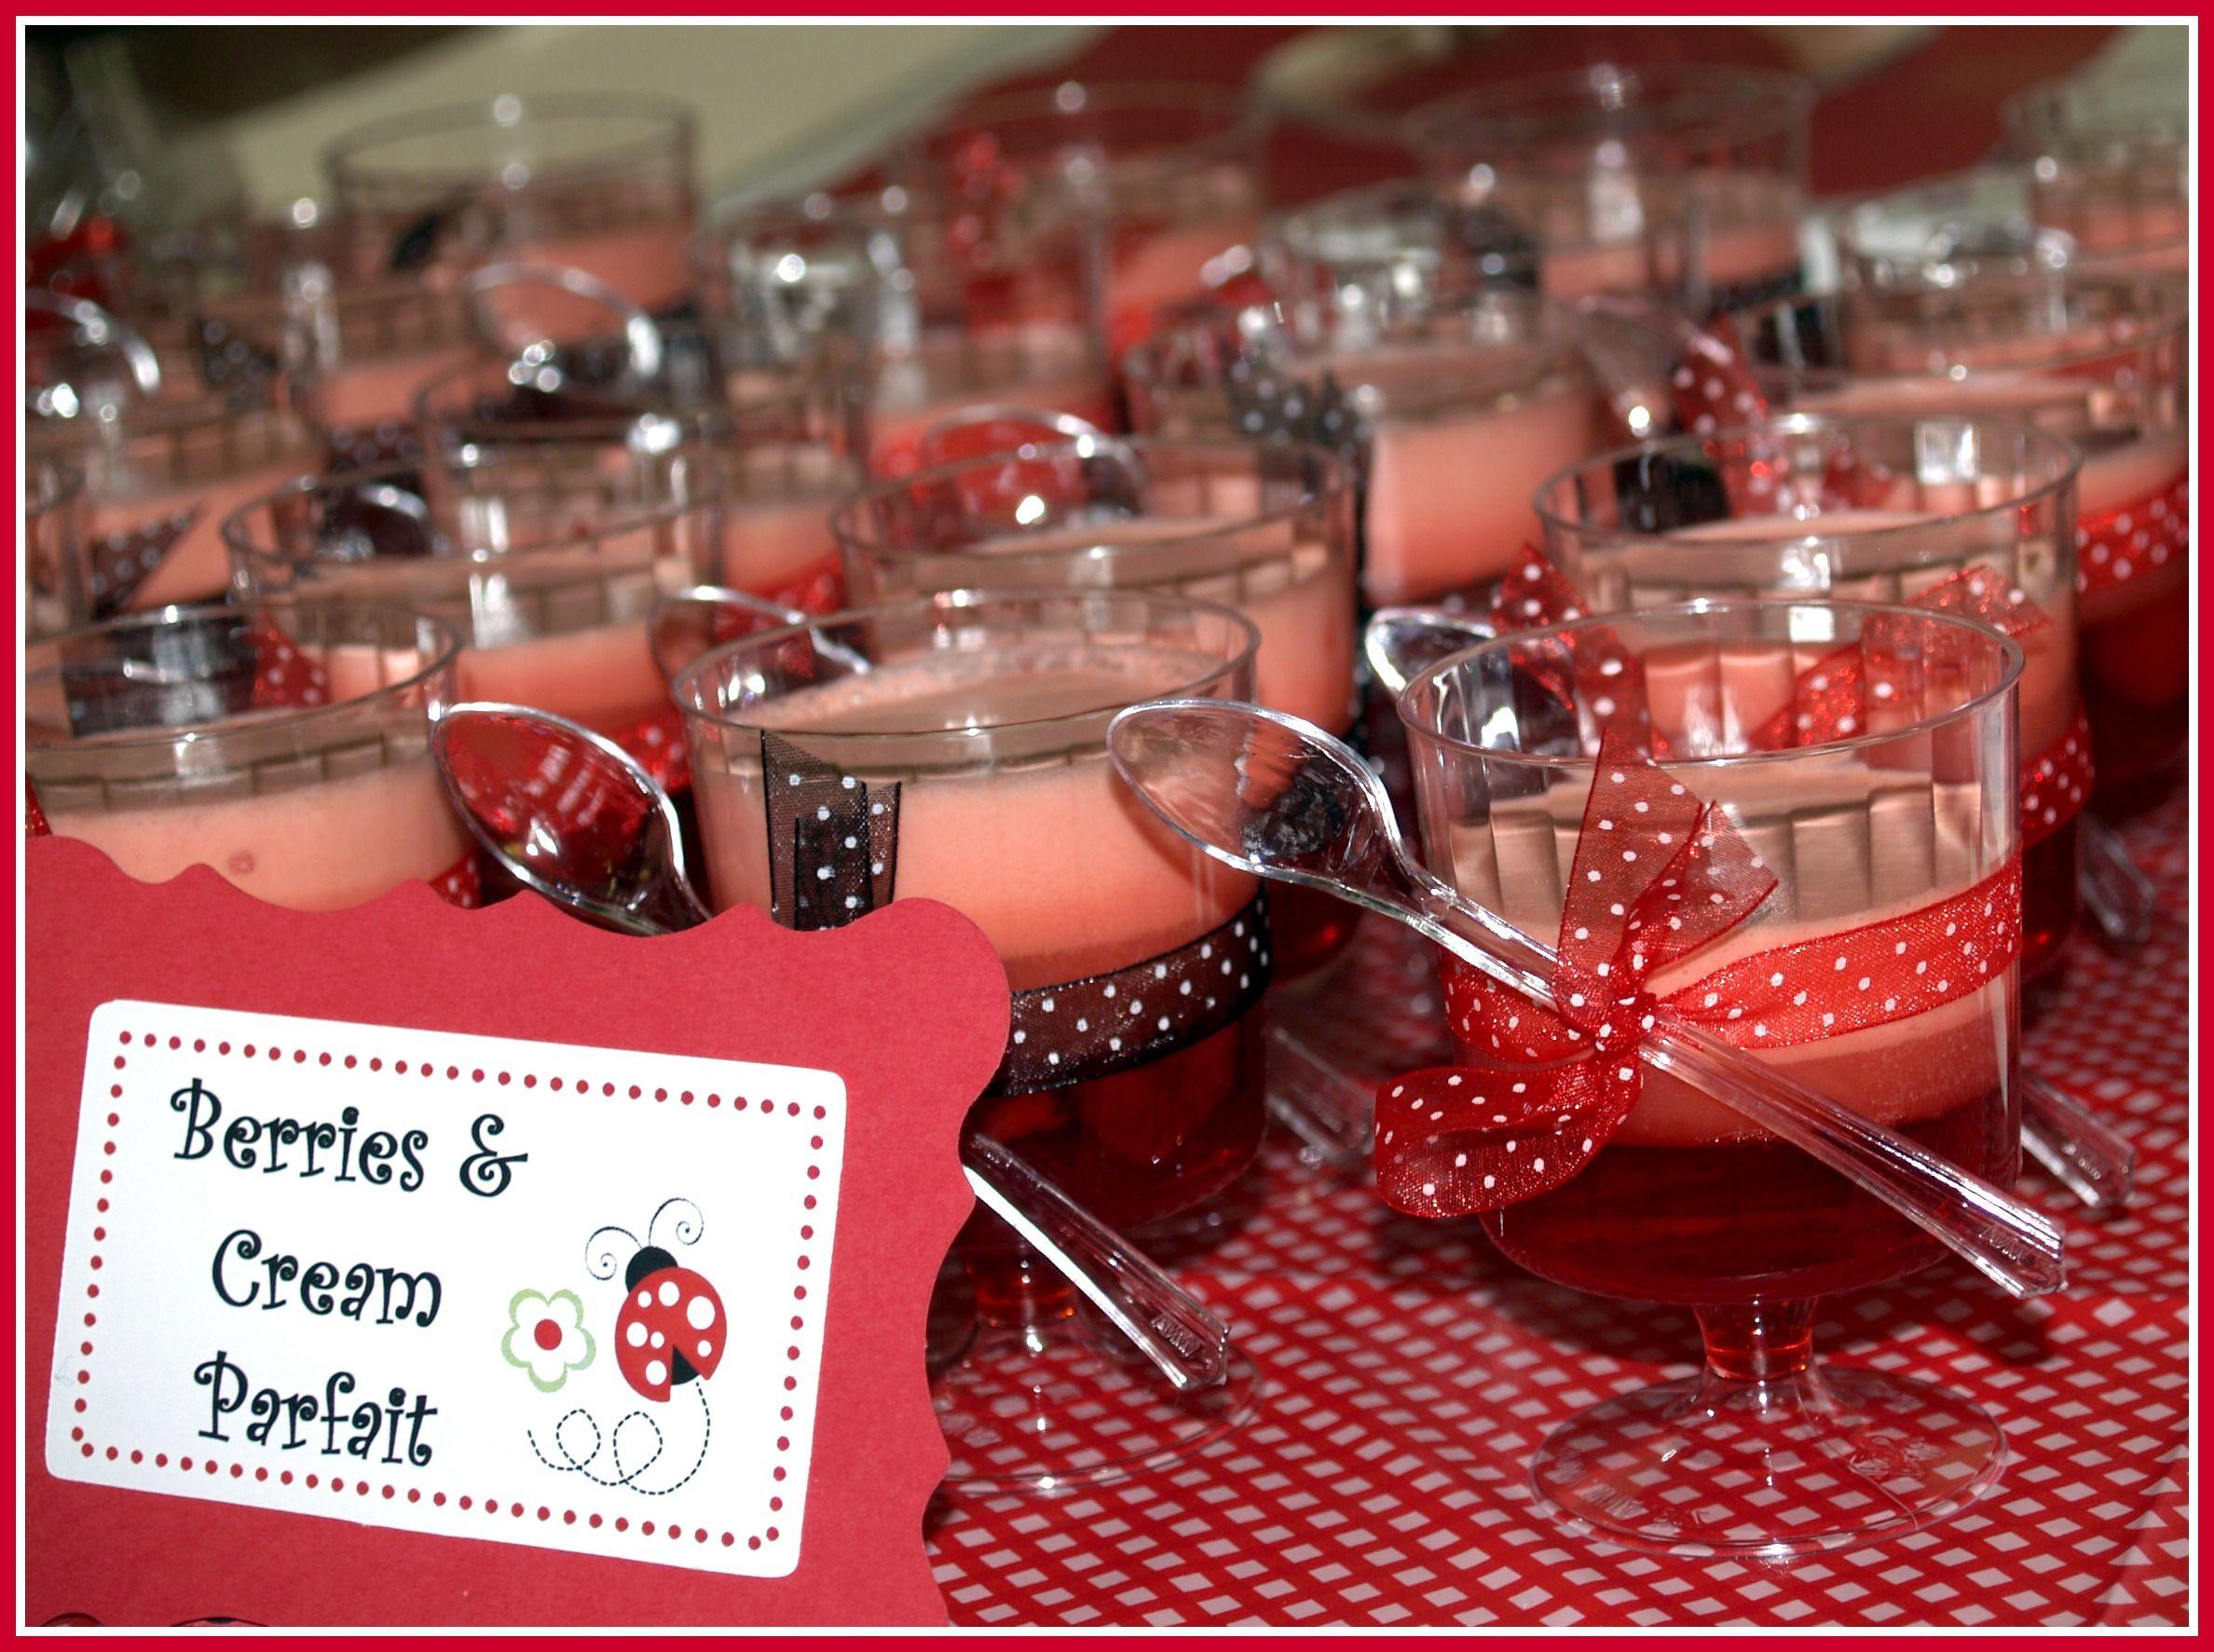 label ideas - Ladybug Baby Shower Decorations